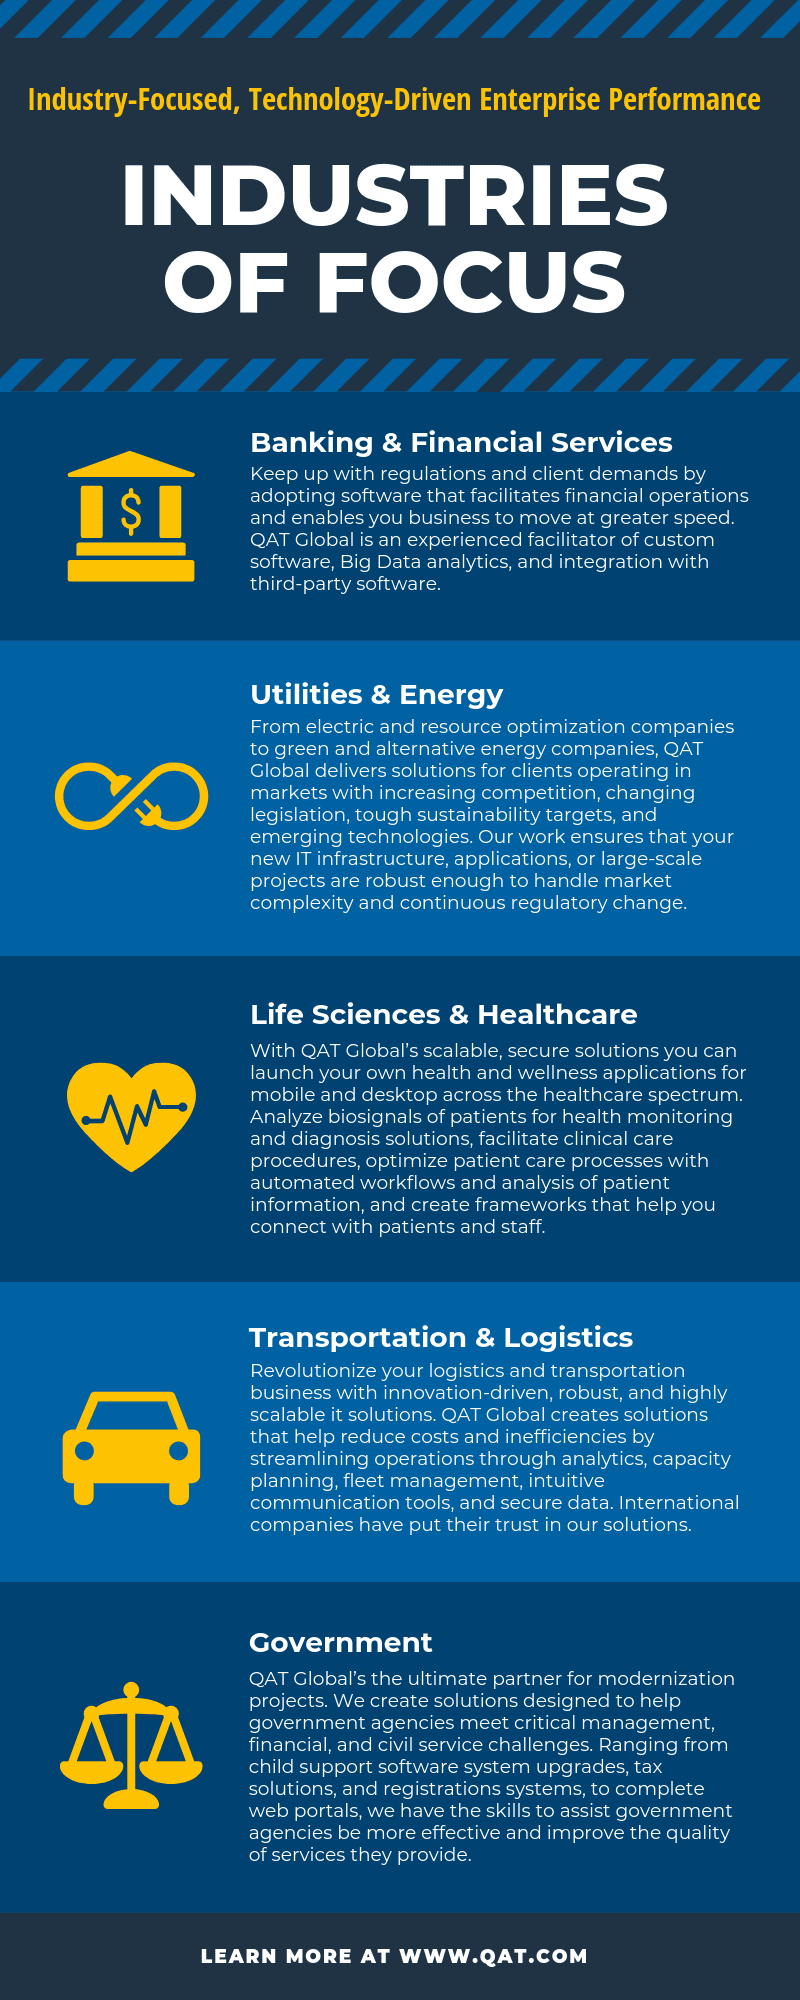 Industries of Focus